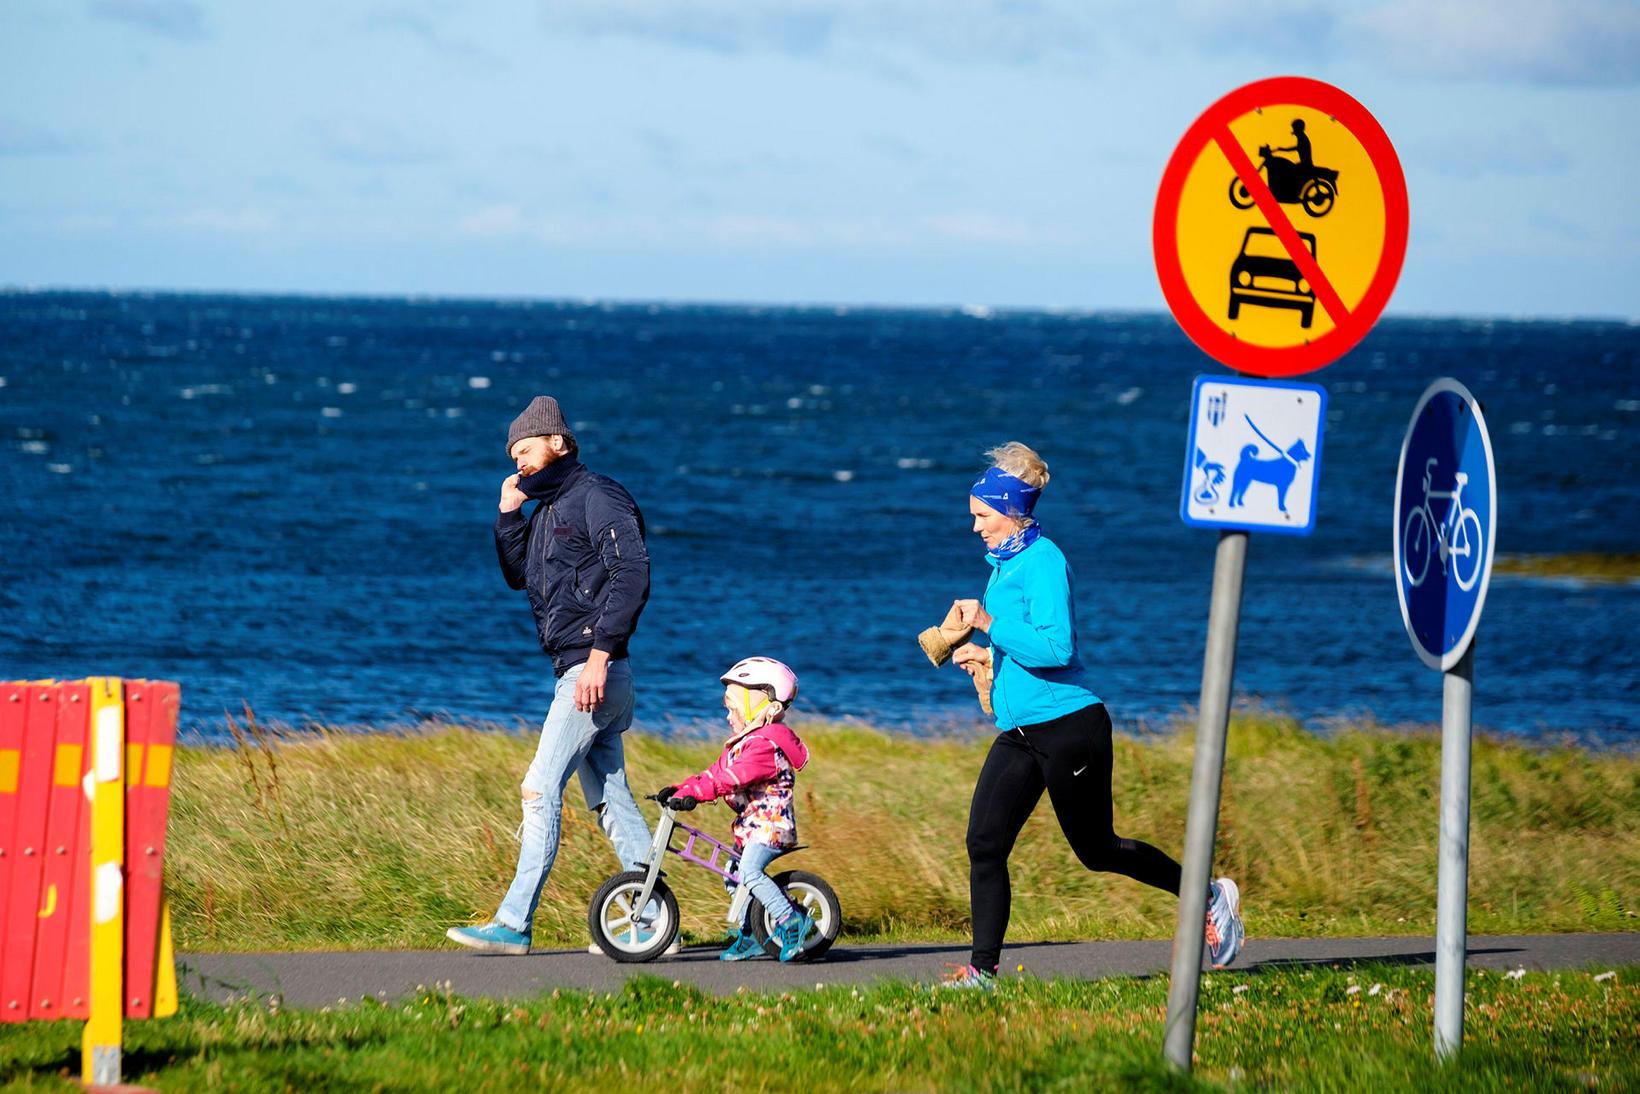 Um 90% mæðra fullnýta nú þann hluta fæðingarorlofsins sem móðir …